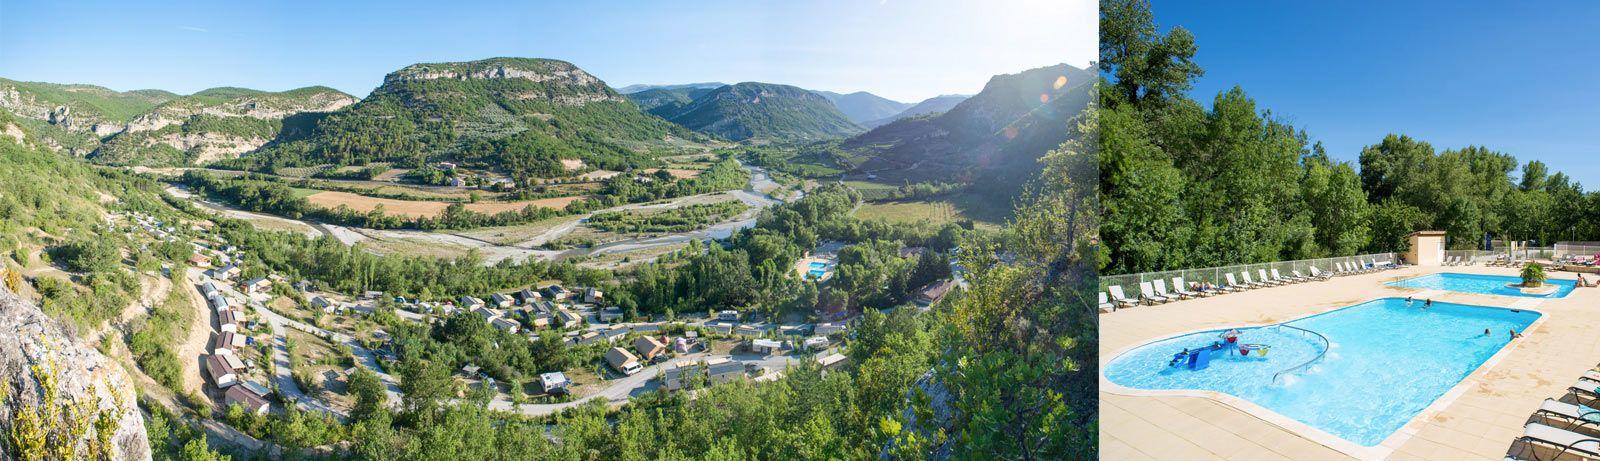 yellow-les ramieres-mont ventoux; 12,5u_1300km Met twee zwembaden, een peuterbad en waterspelen kan uw hele familie in het aquapark van camping Les Ramières genieten van een moment van welzijn, fun en verfrissing!